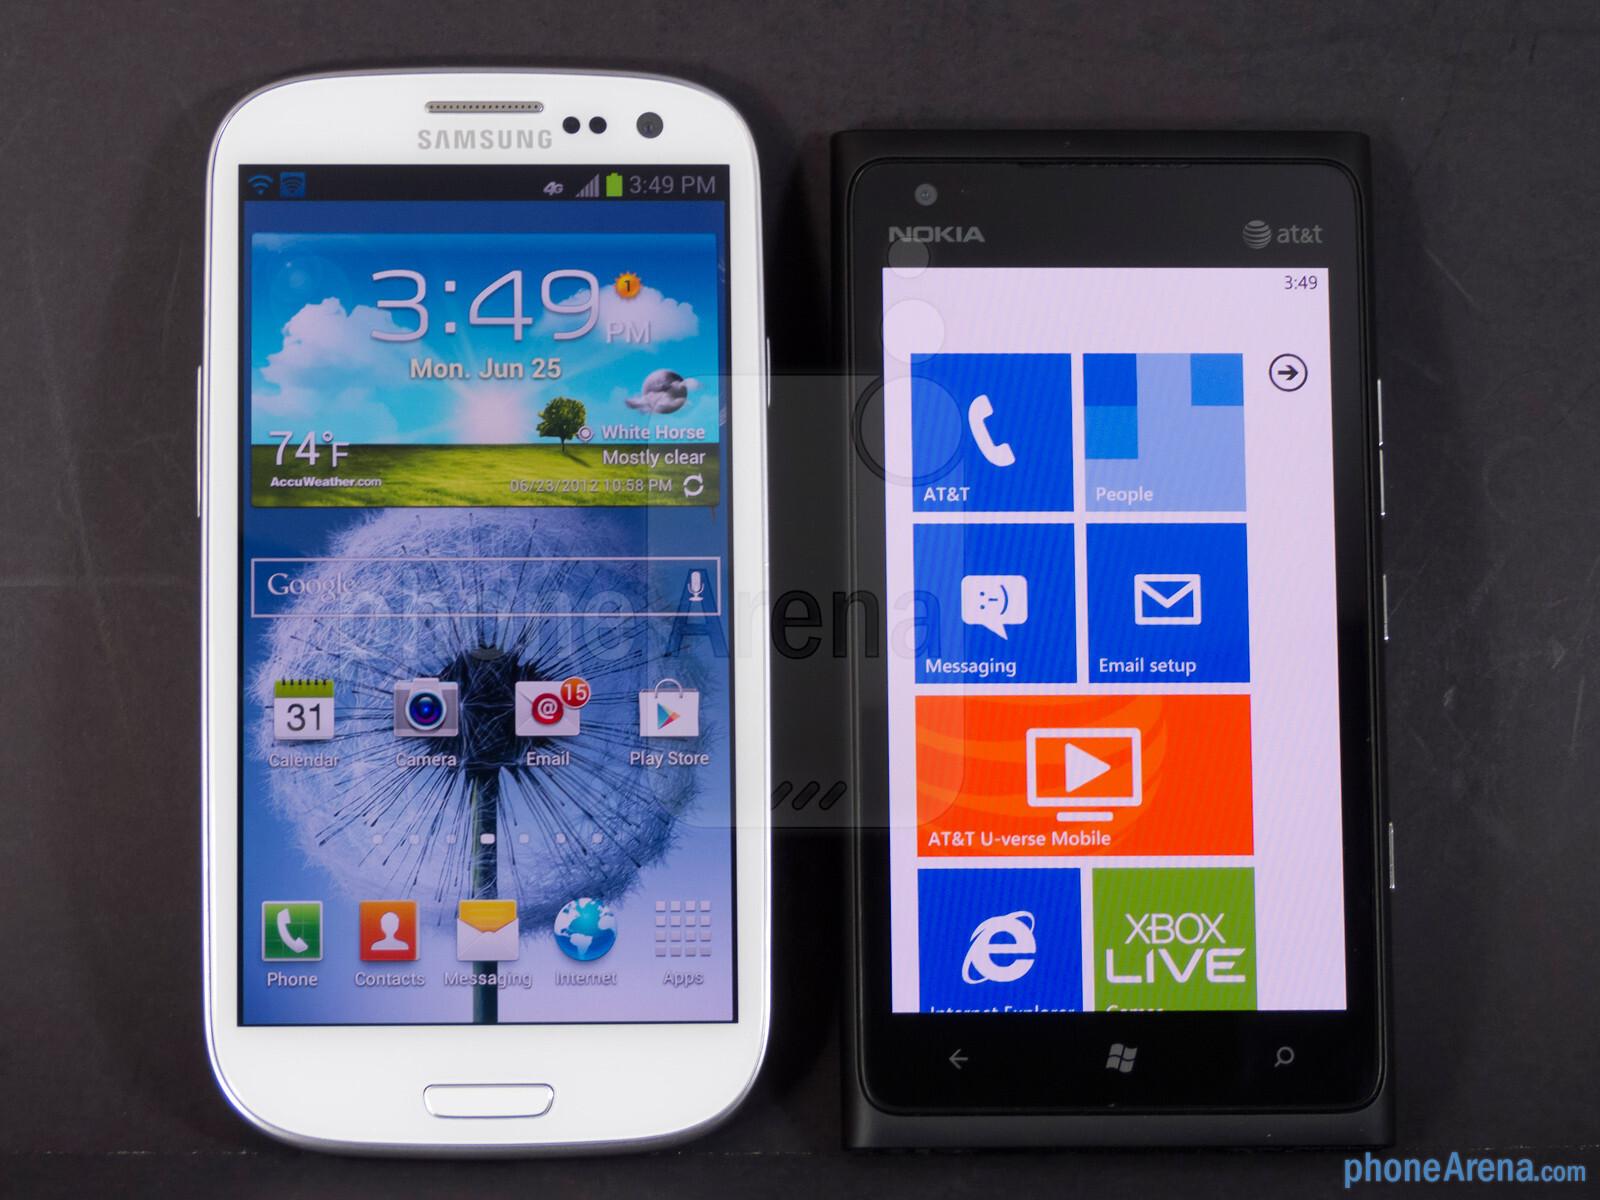 the Nokia Lumia 900 (right) - Samsung Galaxy S III vs Nokia Lumia 900